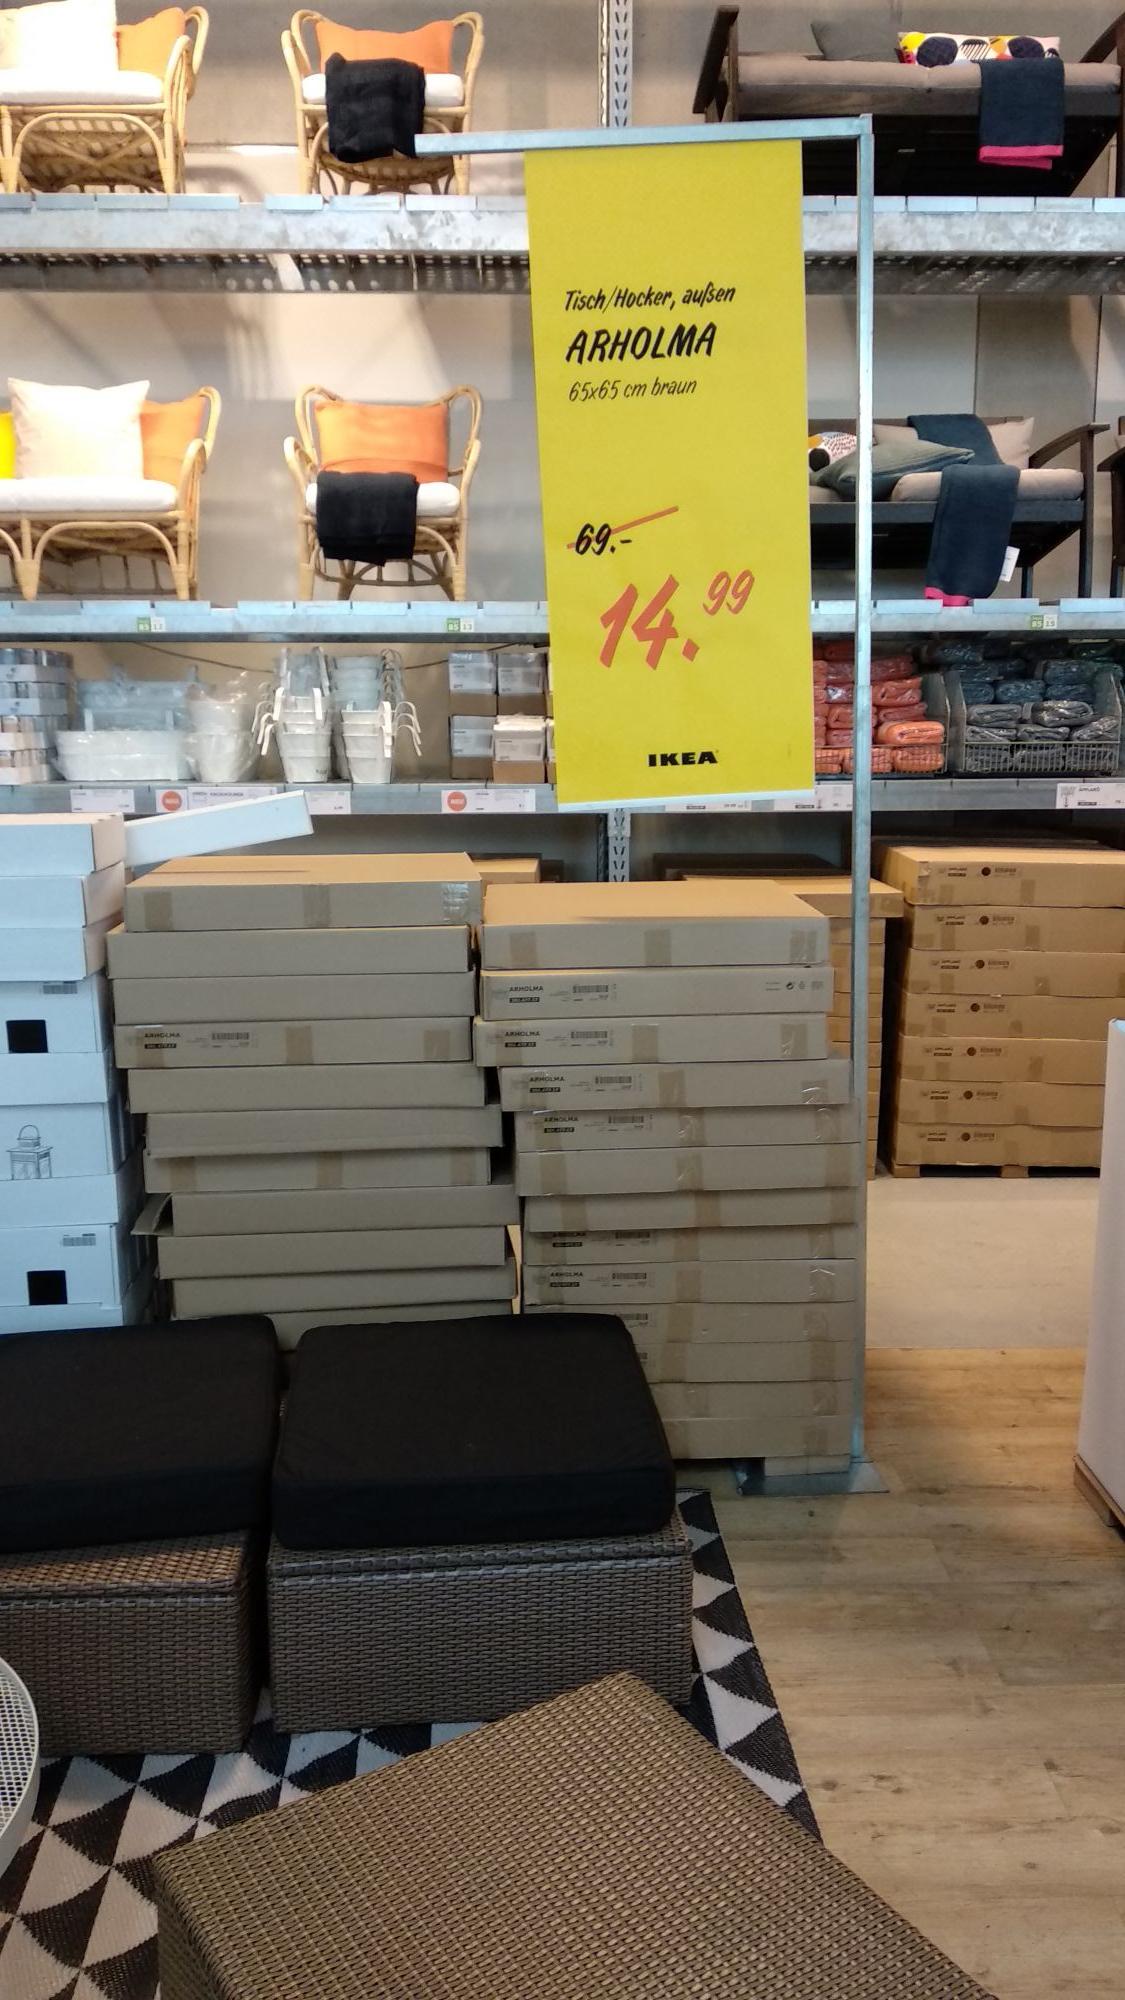 [Ikea Lichtenberg] ARHOLMA Tisch/Hocker, braun